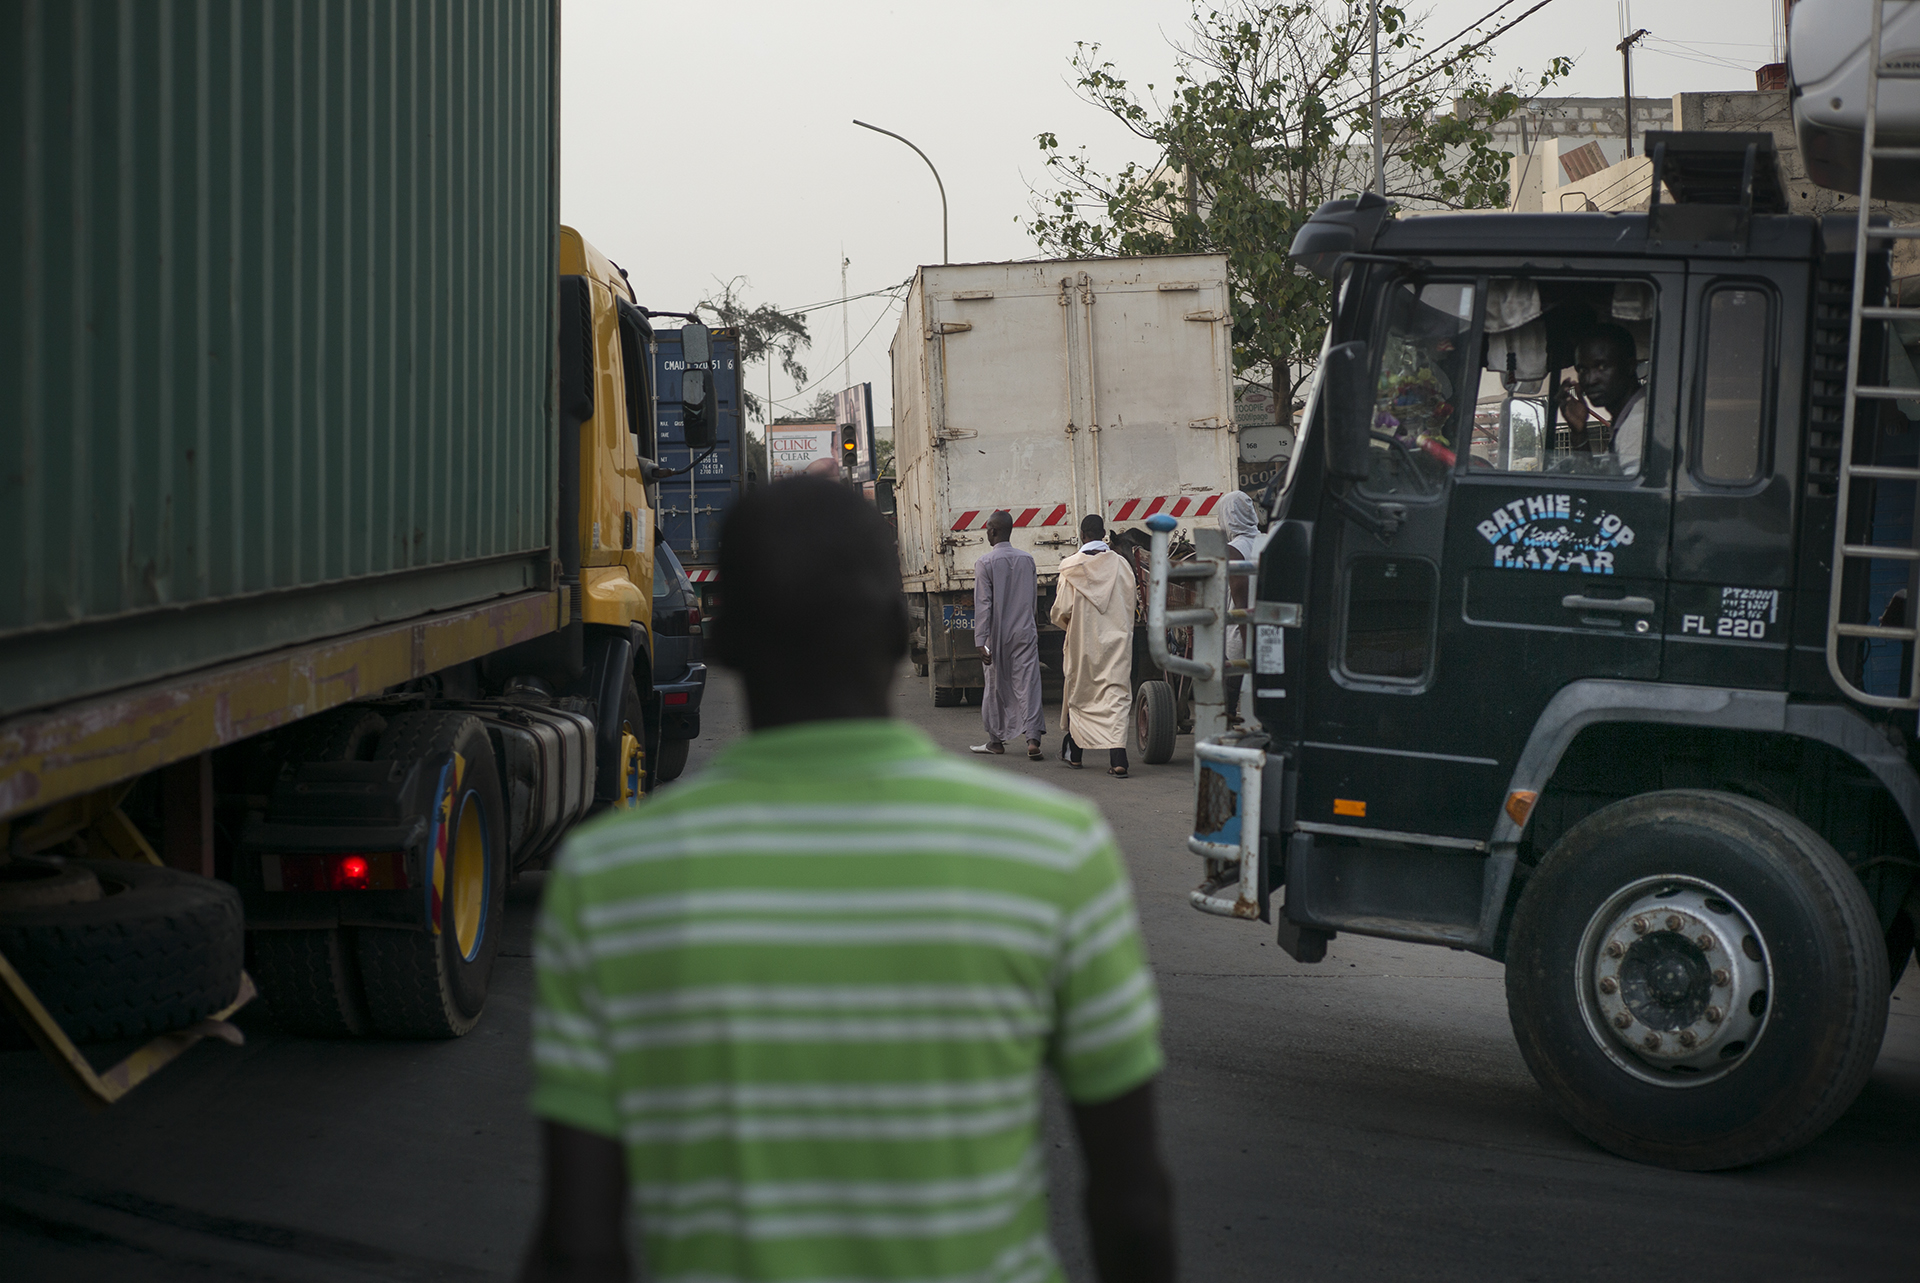 Circulation routière à Dakar, Sénégal. Mai 201718h30 dans le quartier de Yarack, où les poids lourds en provenance du port viennent grossir la circulation pour acheminer les marchandises dans la capitale.